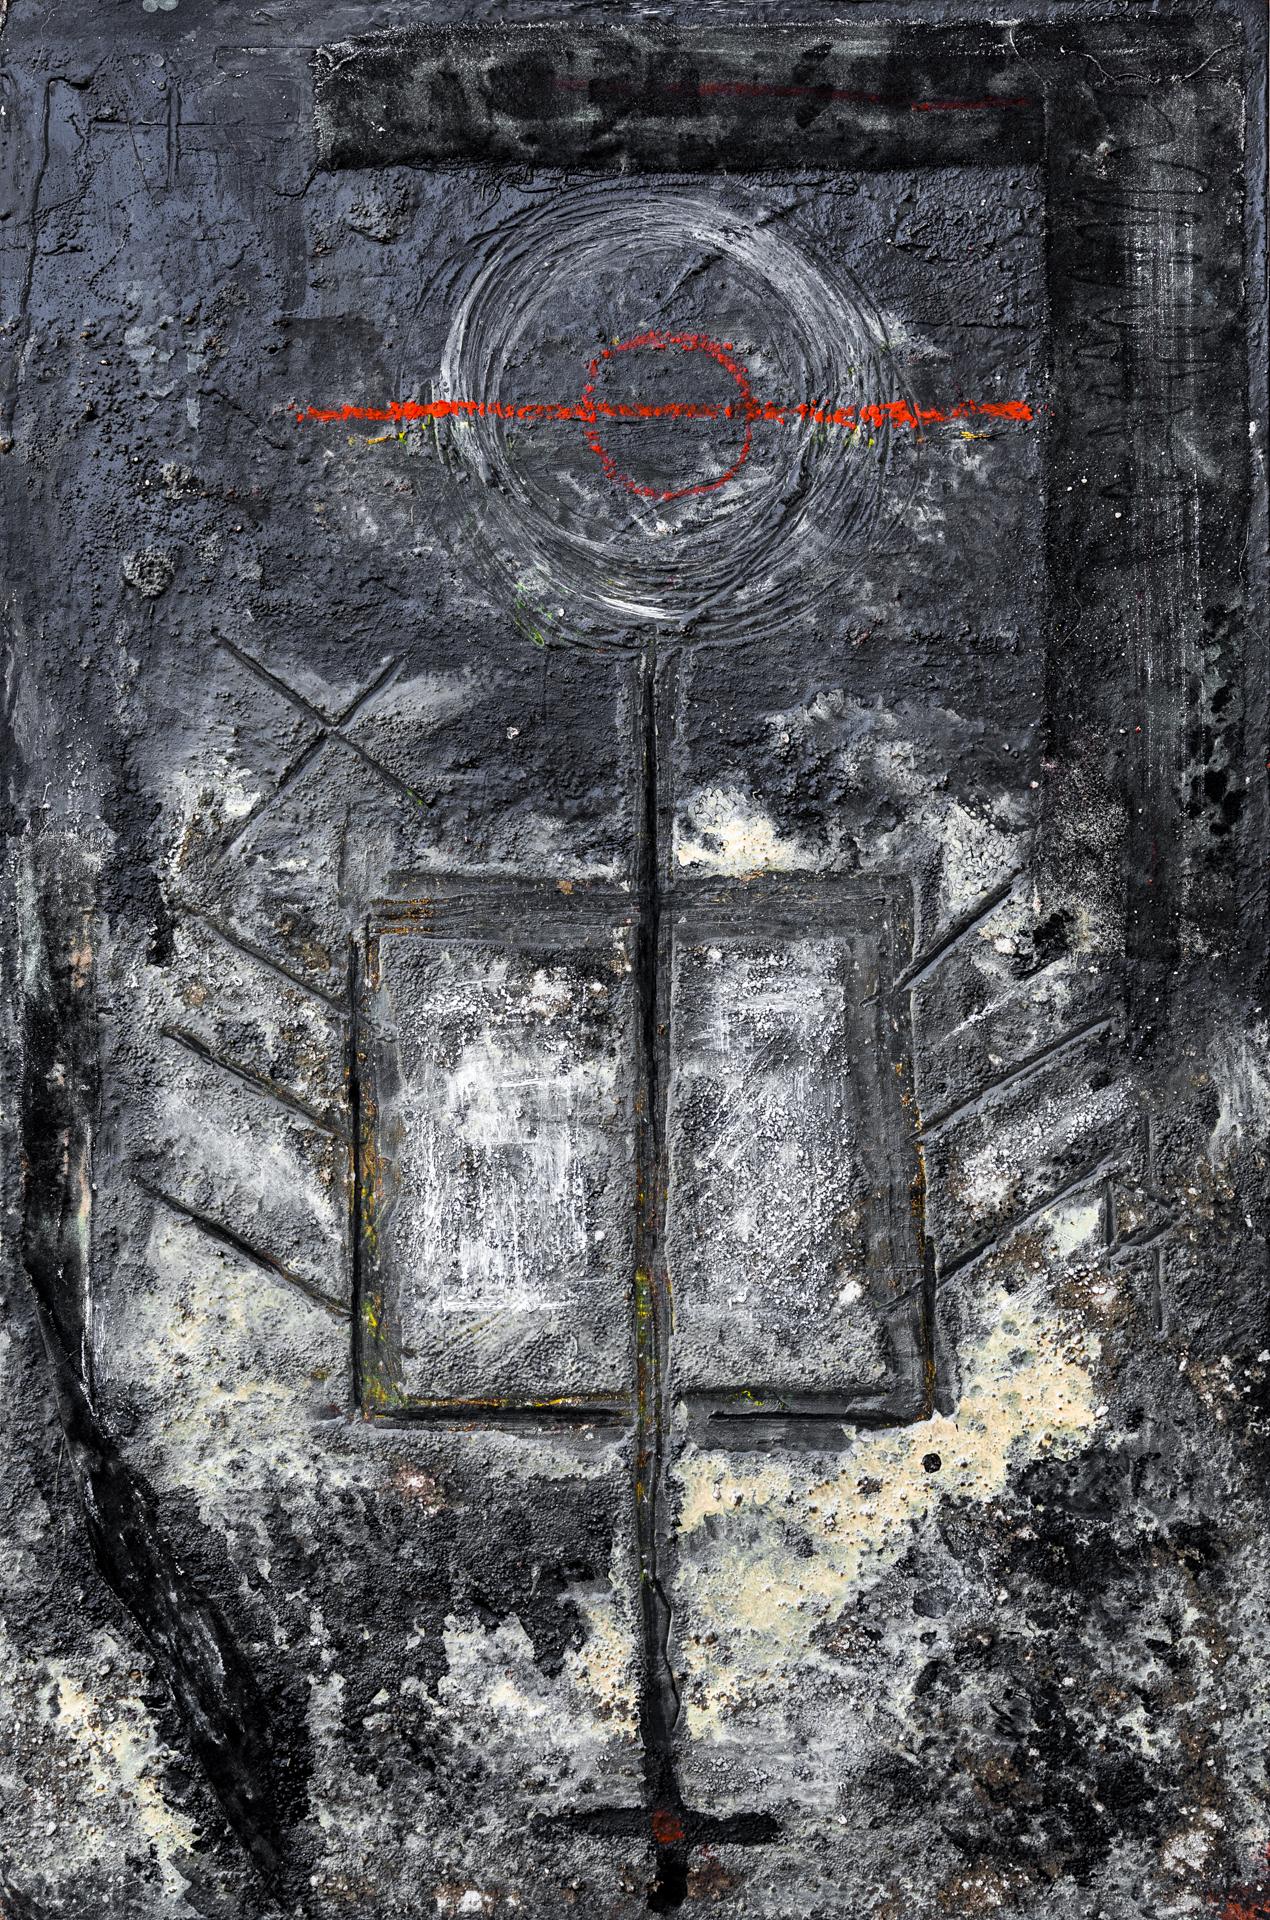 pinturas-obras-de-arte-maximiliano-borgia-013